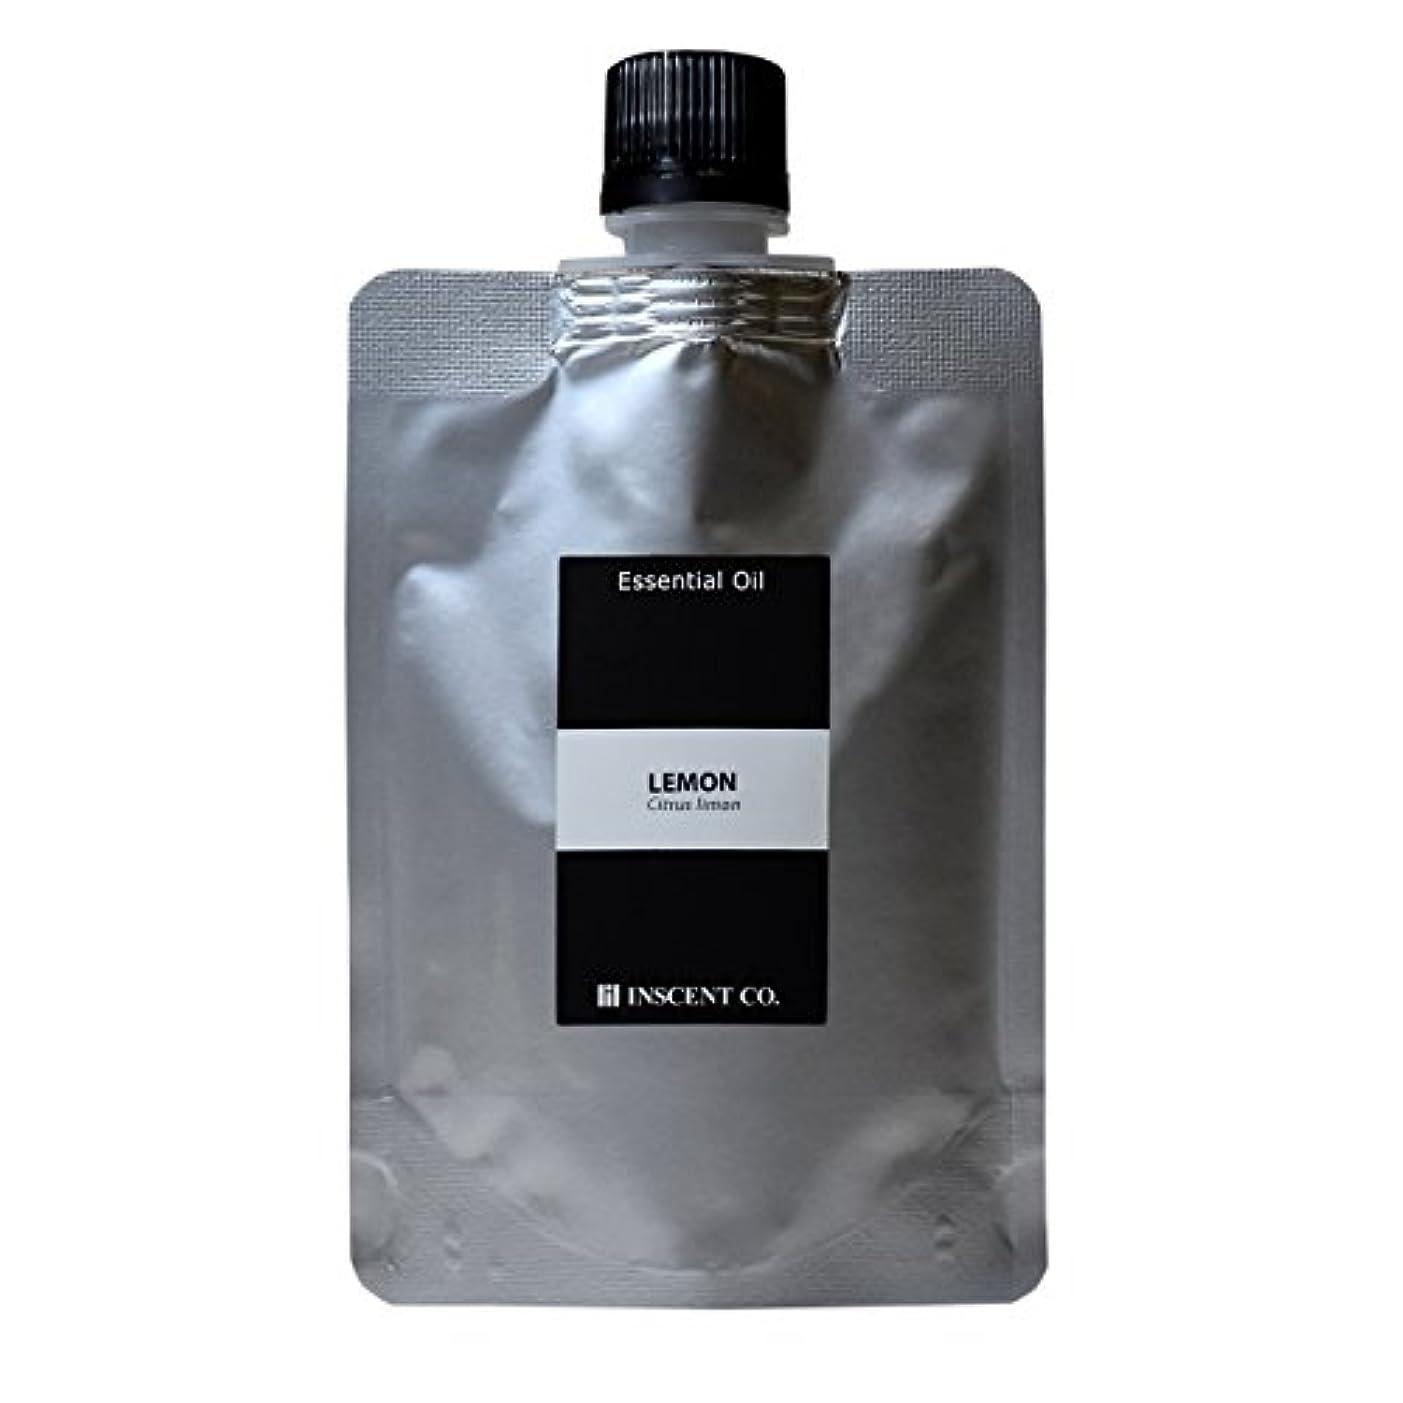 帰する通信する些細な(詰替用 アルミパック) レモン 100ml インセント エッセンシャルオイル 精油 アロマオイル